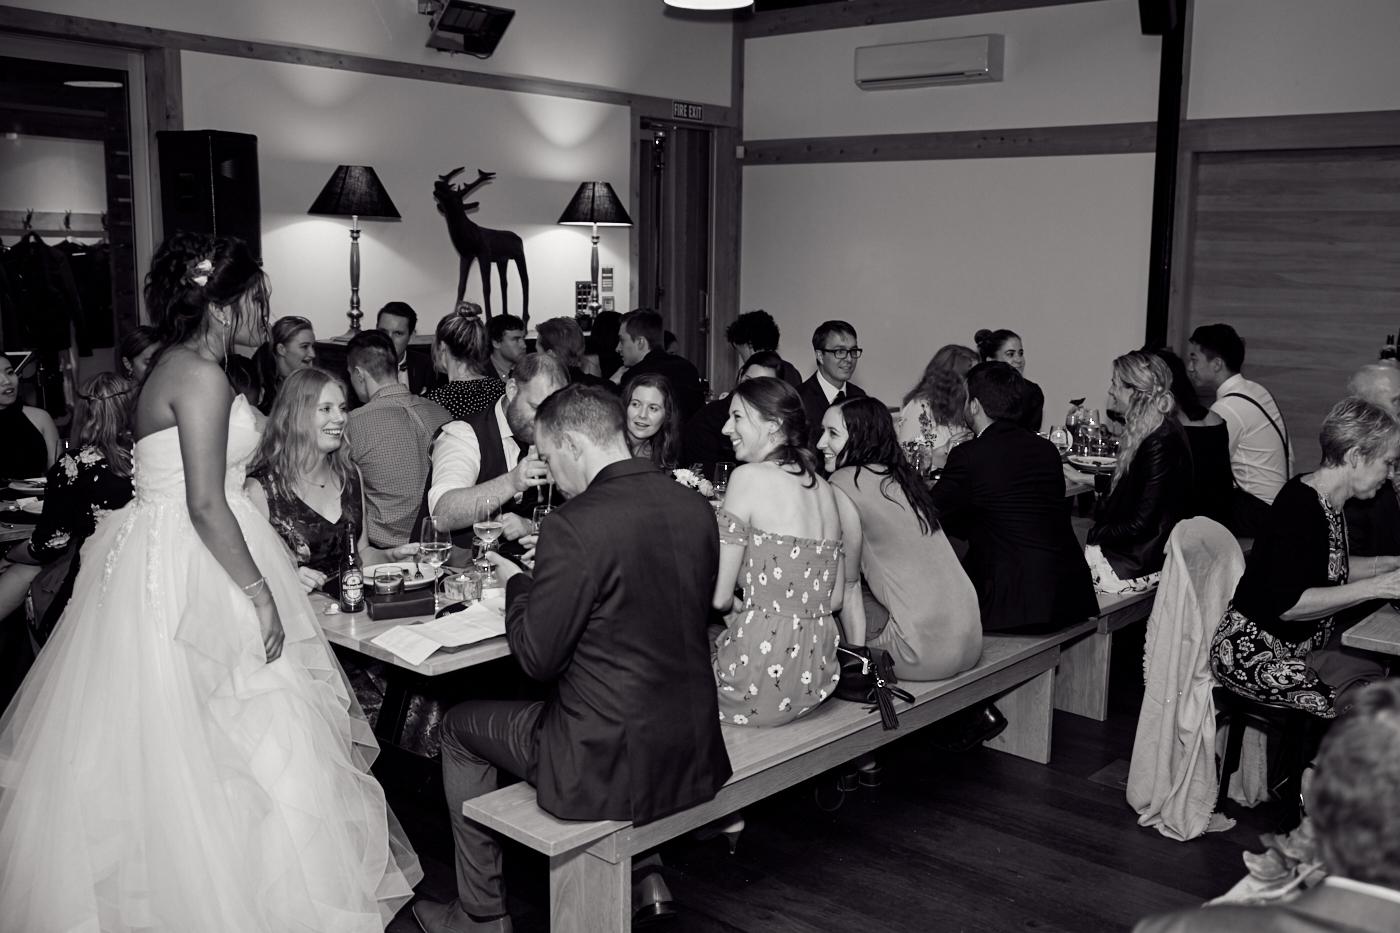 Guests at wedding venue